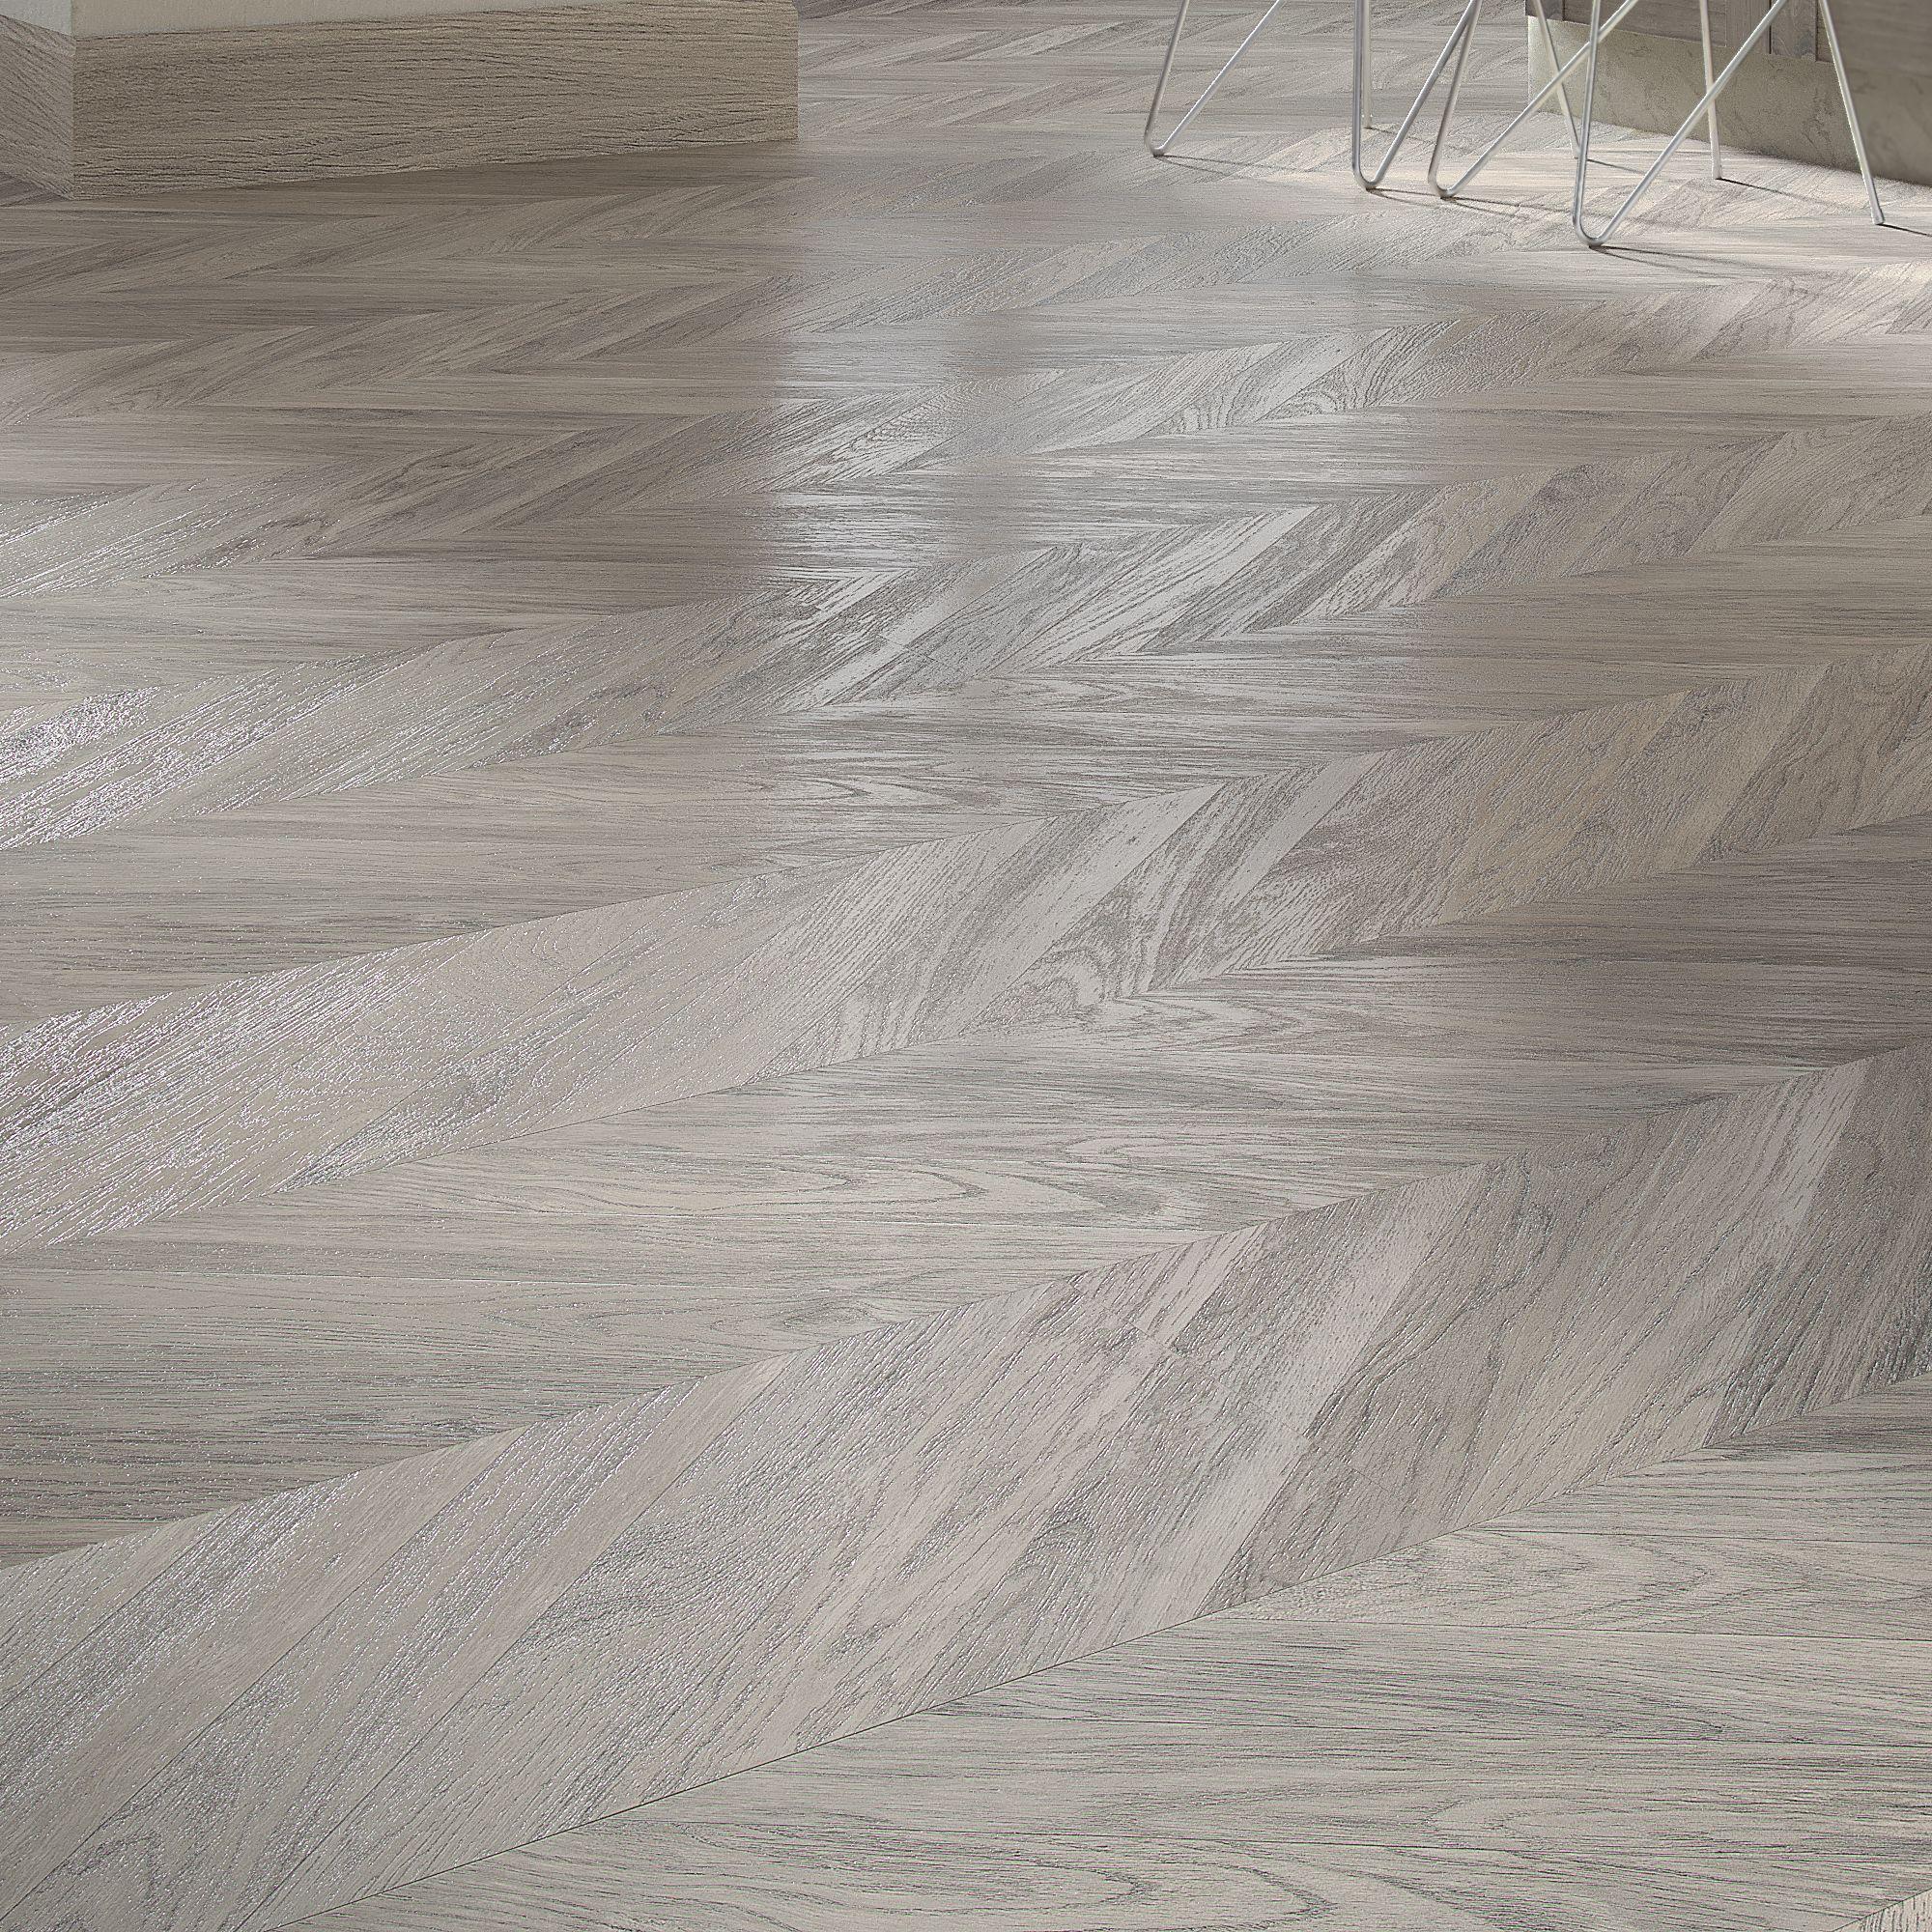 Alessano Herringbone Grey Embossed Laminate Flooring 1 39